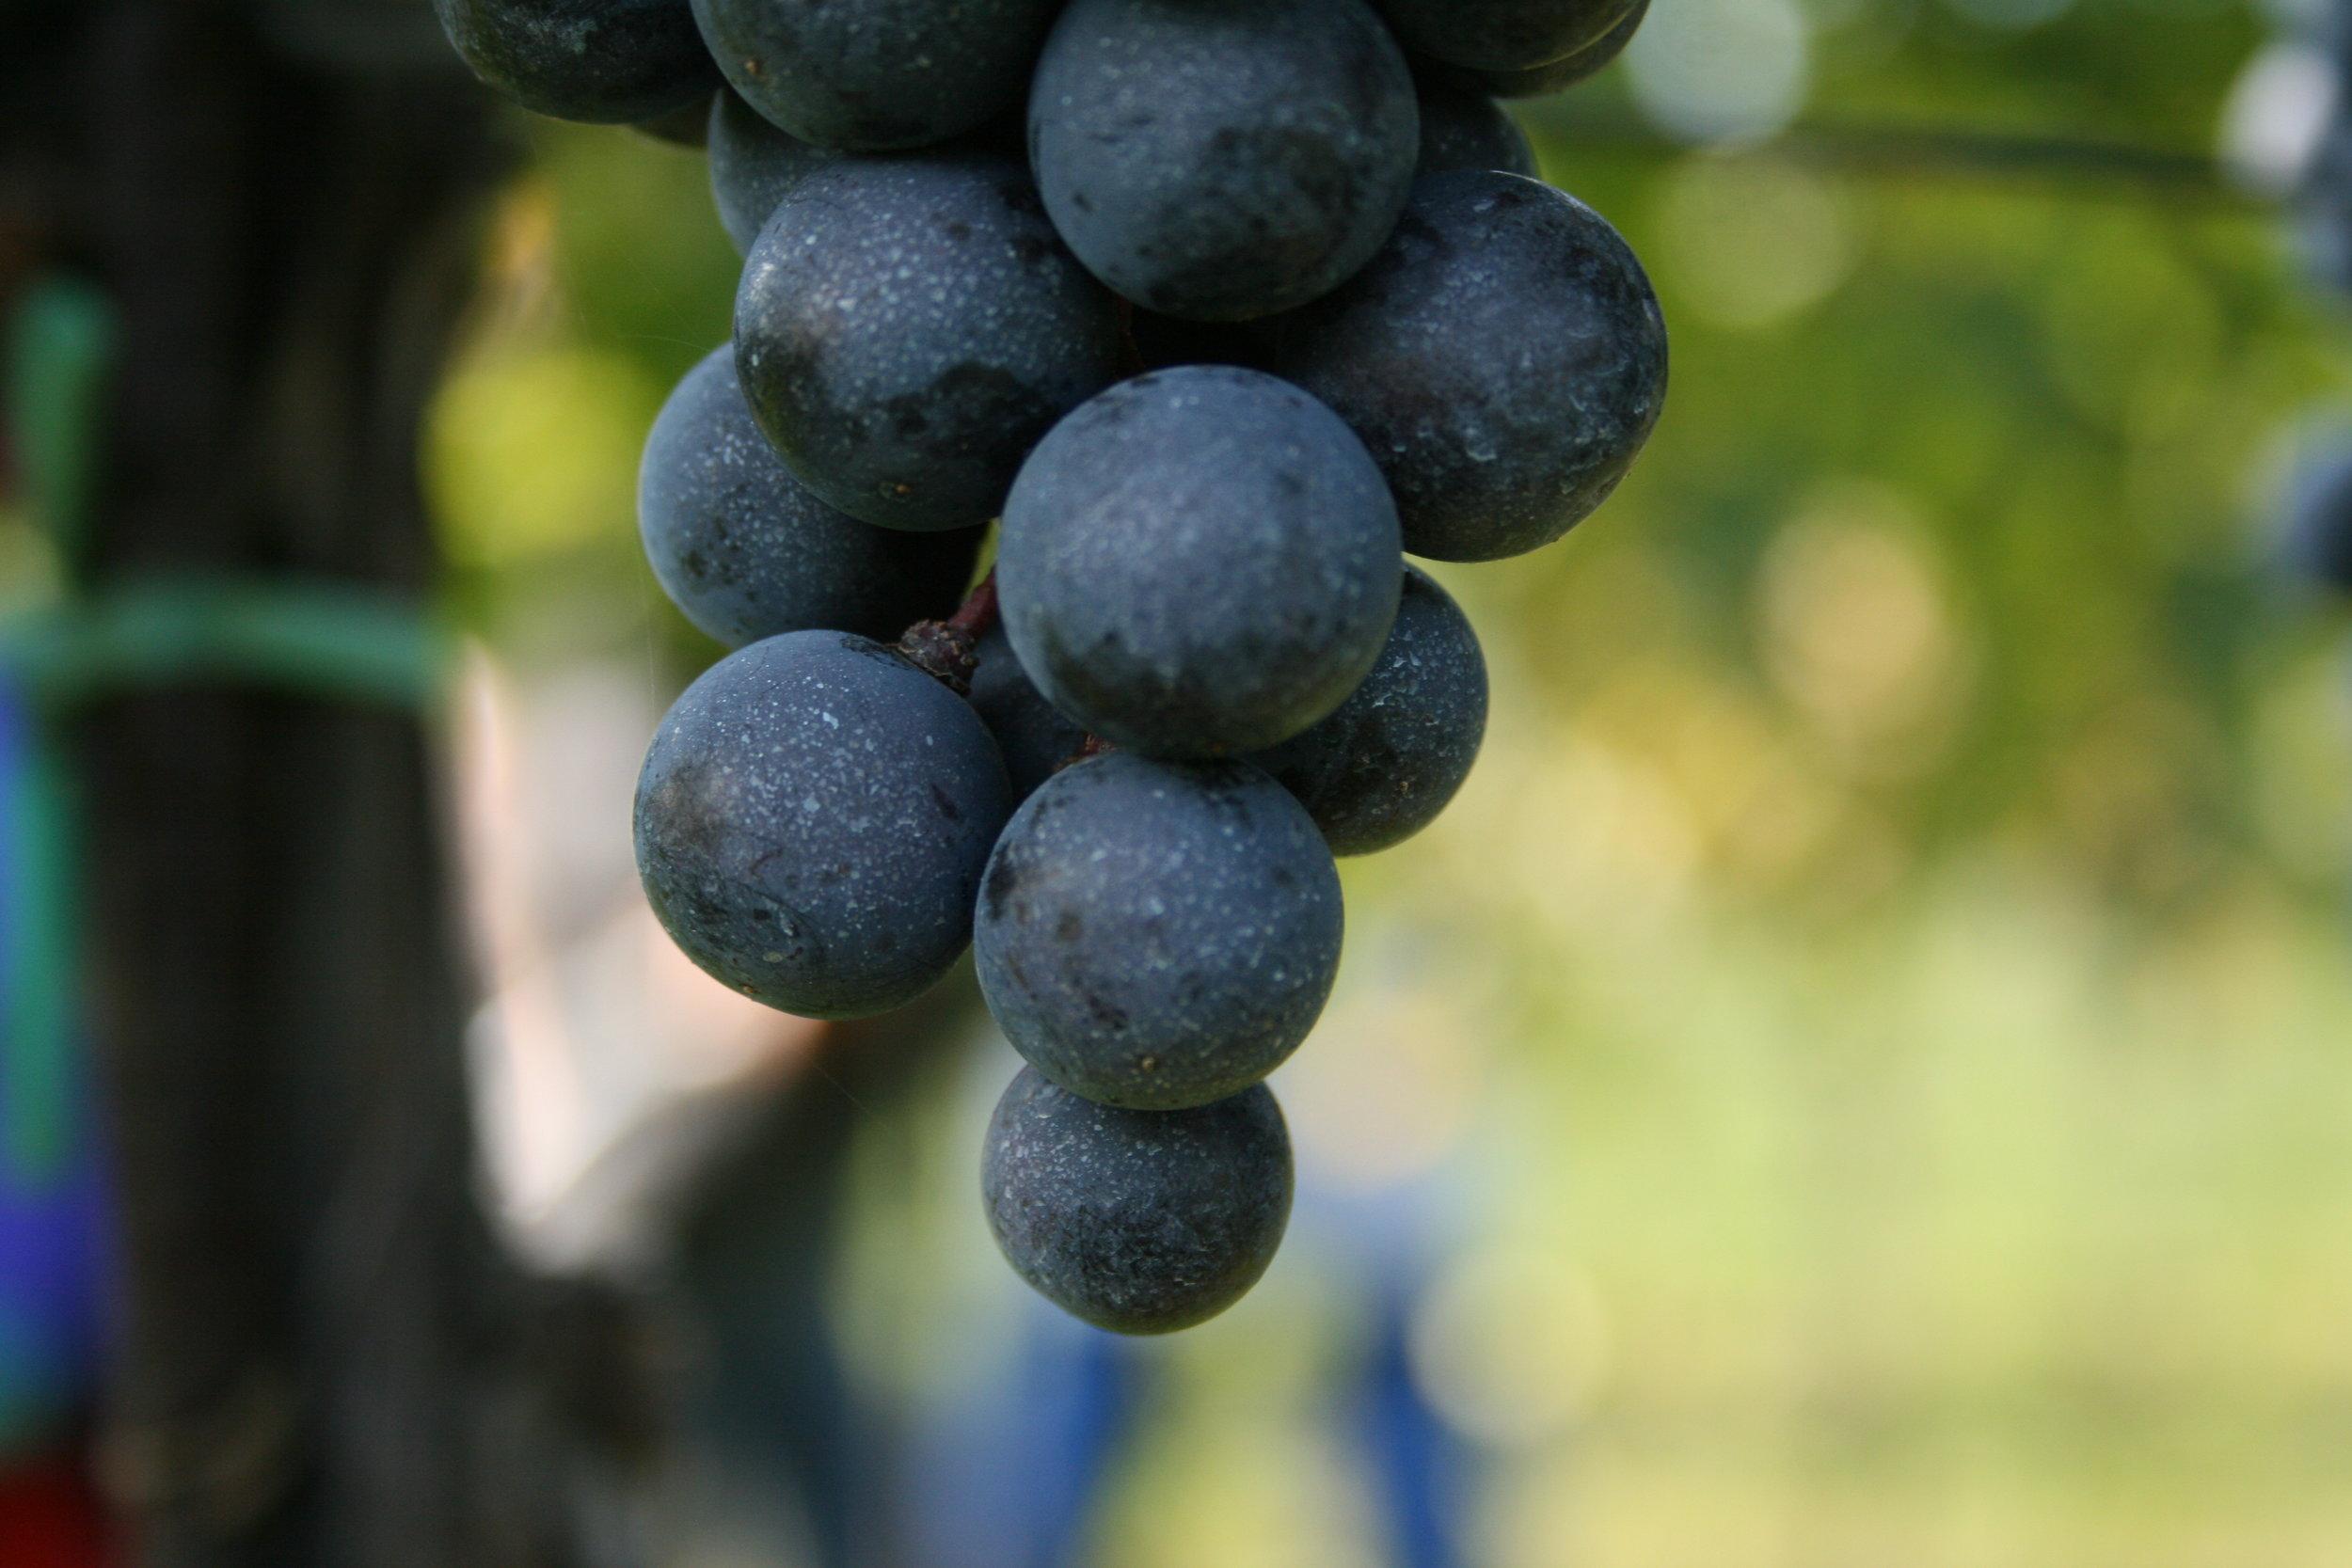 Zweigelt grapes at Netzl